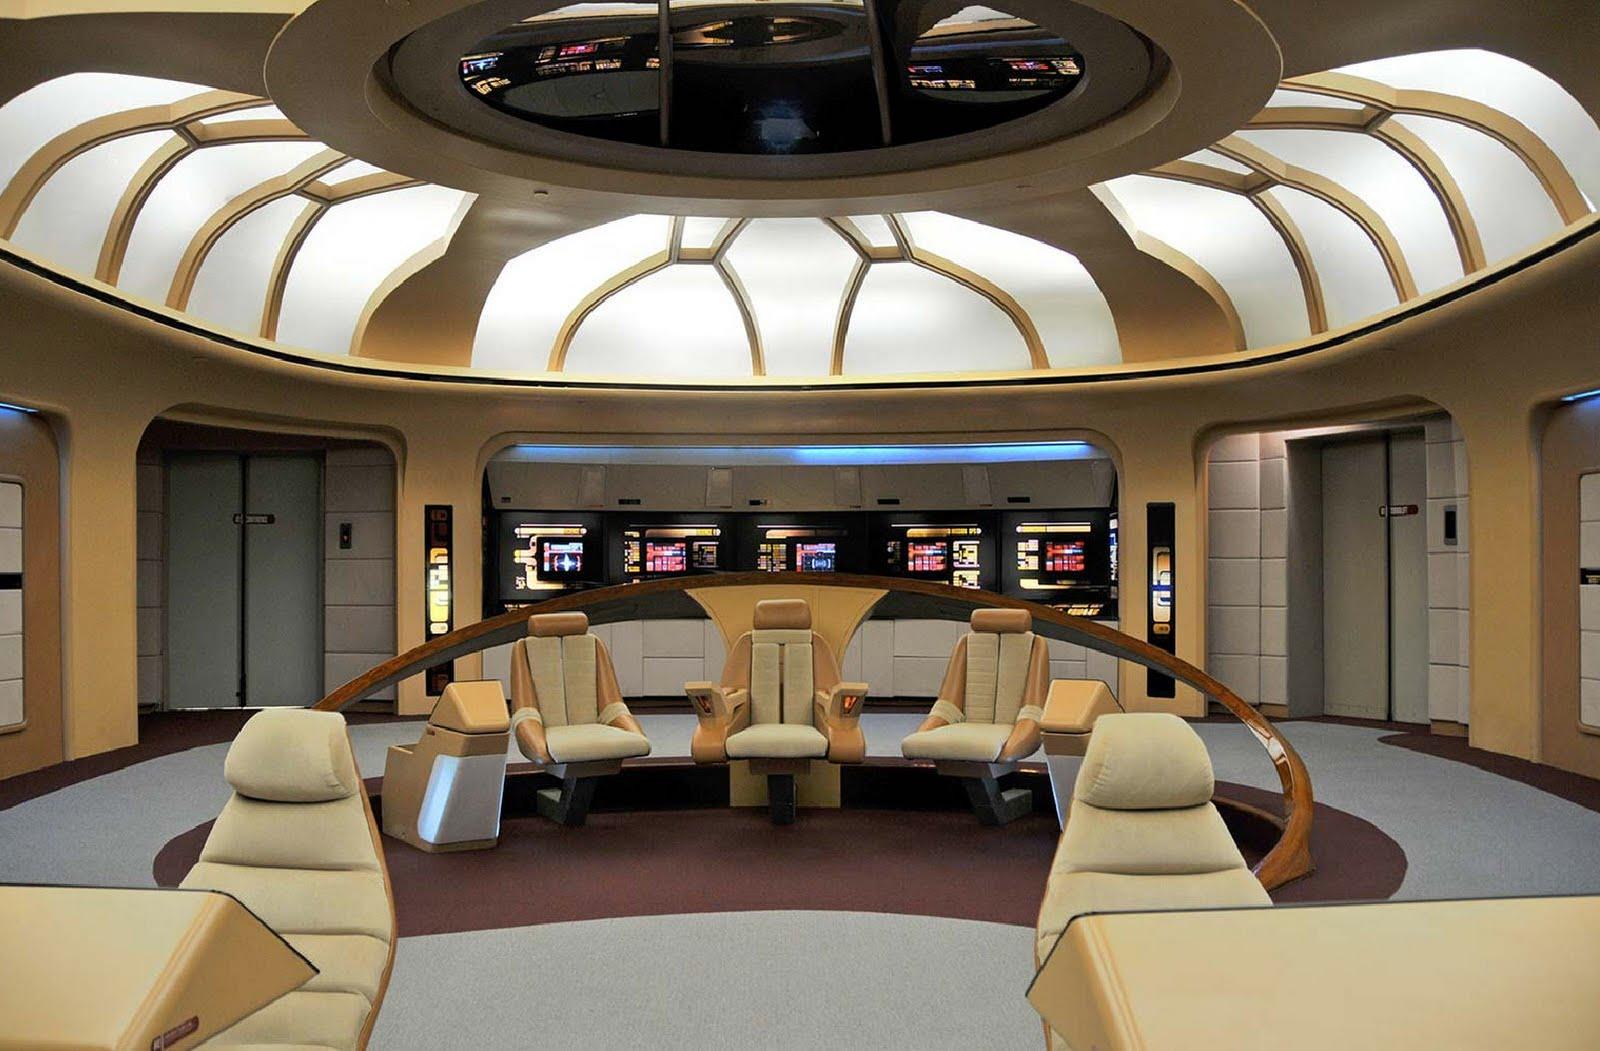 Star Trek Bridge Wallpaper Wallpapersafari